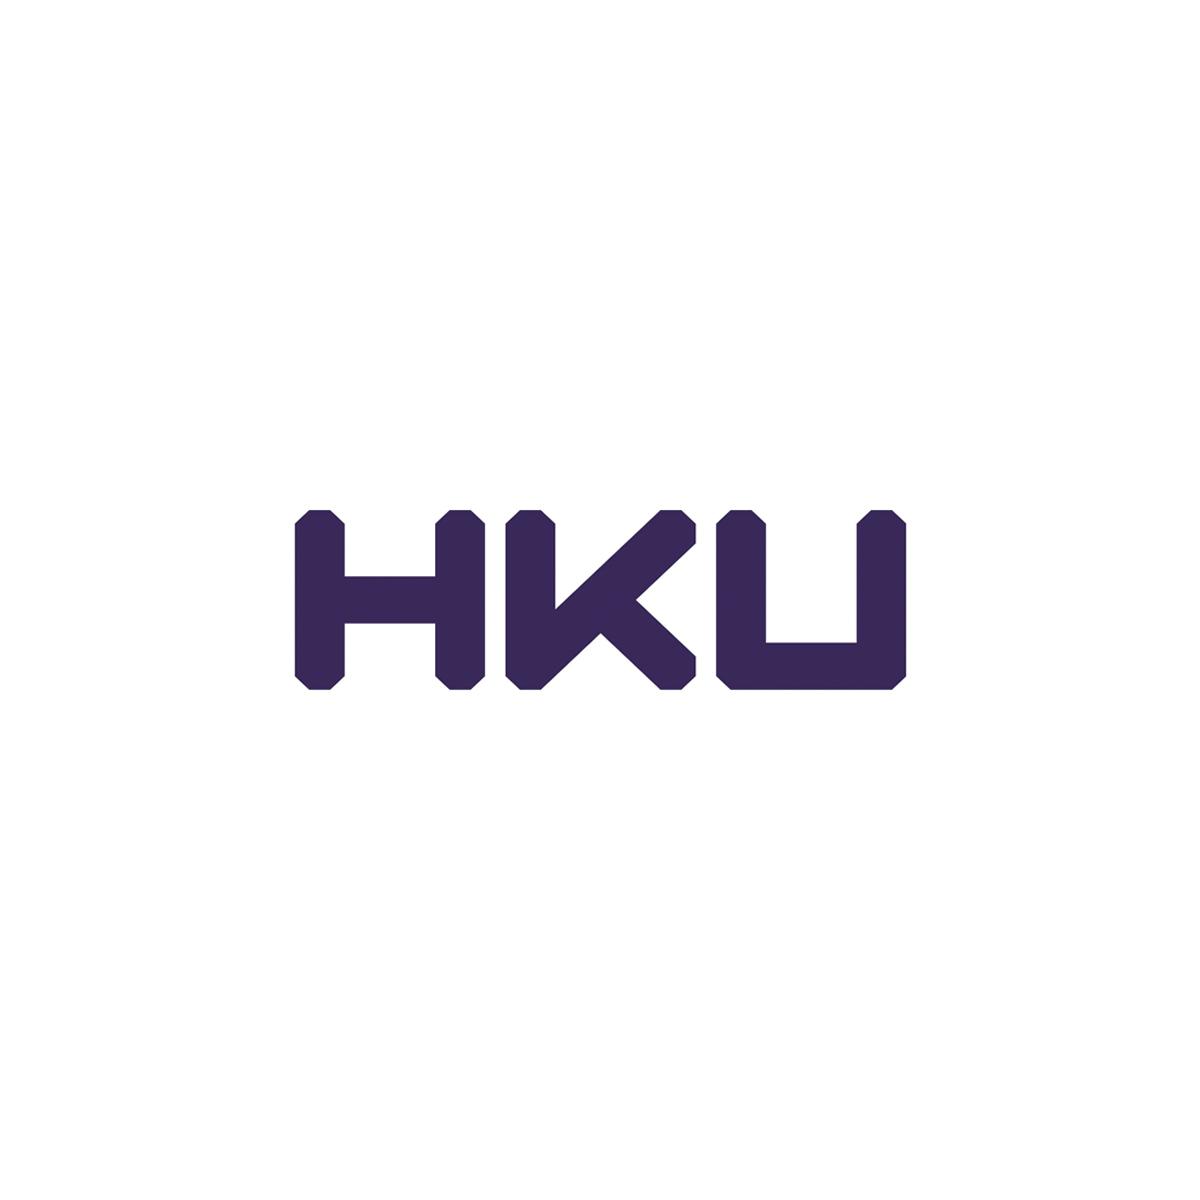 HKU logo